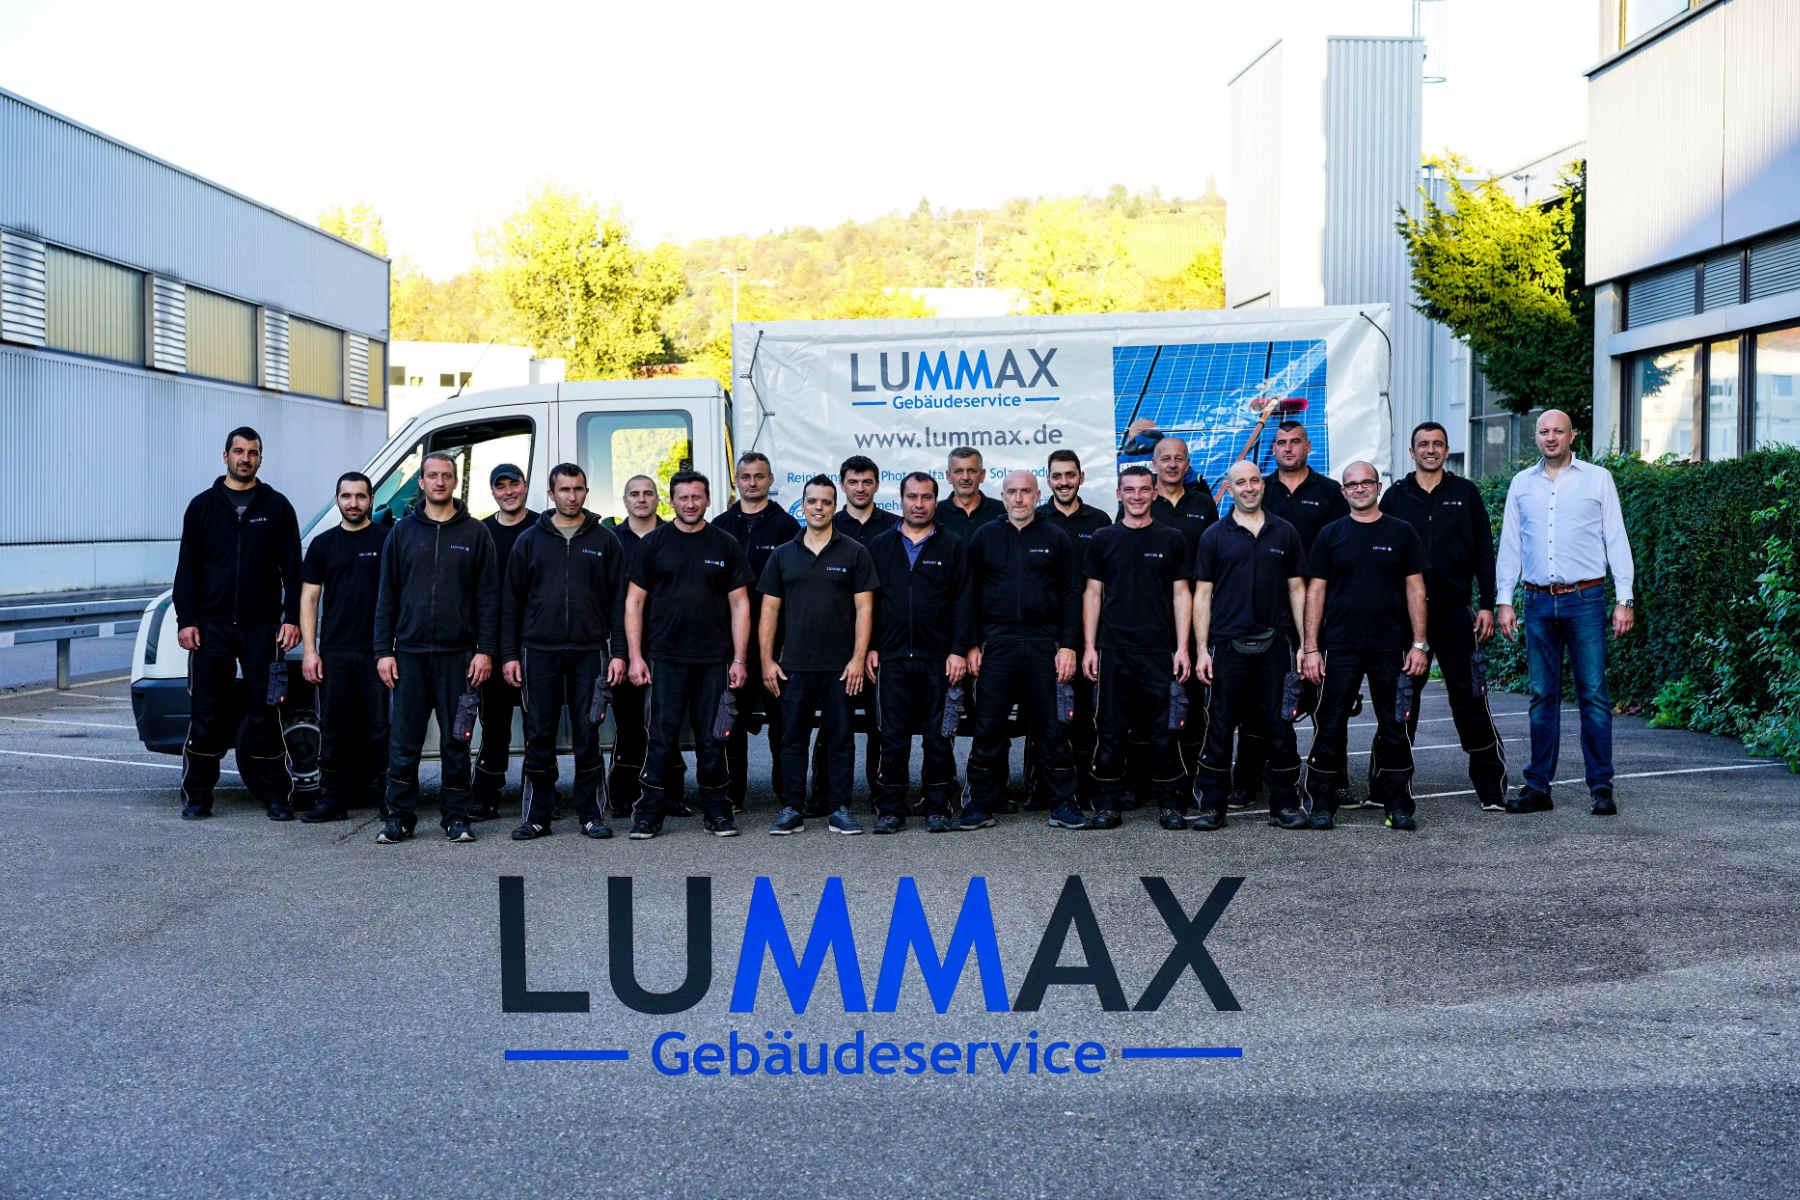 lummaxteam Dienstleistungen